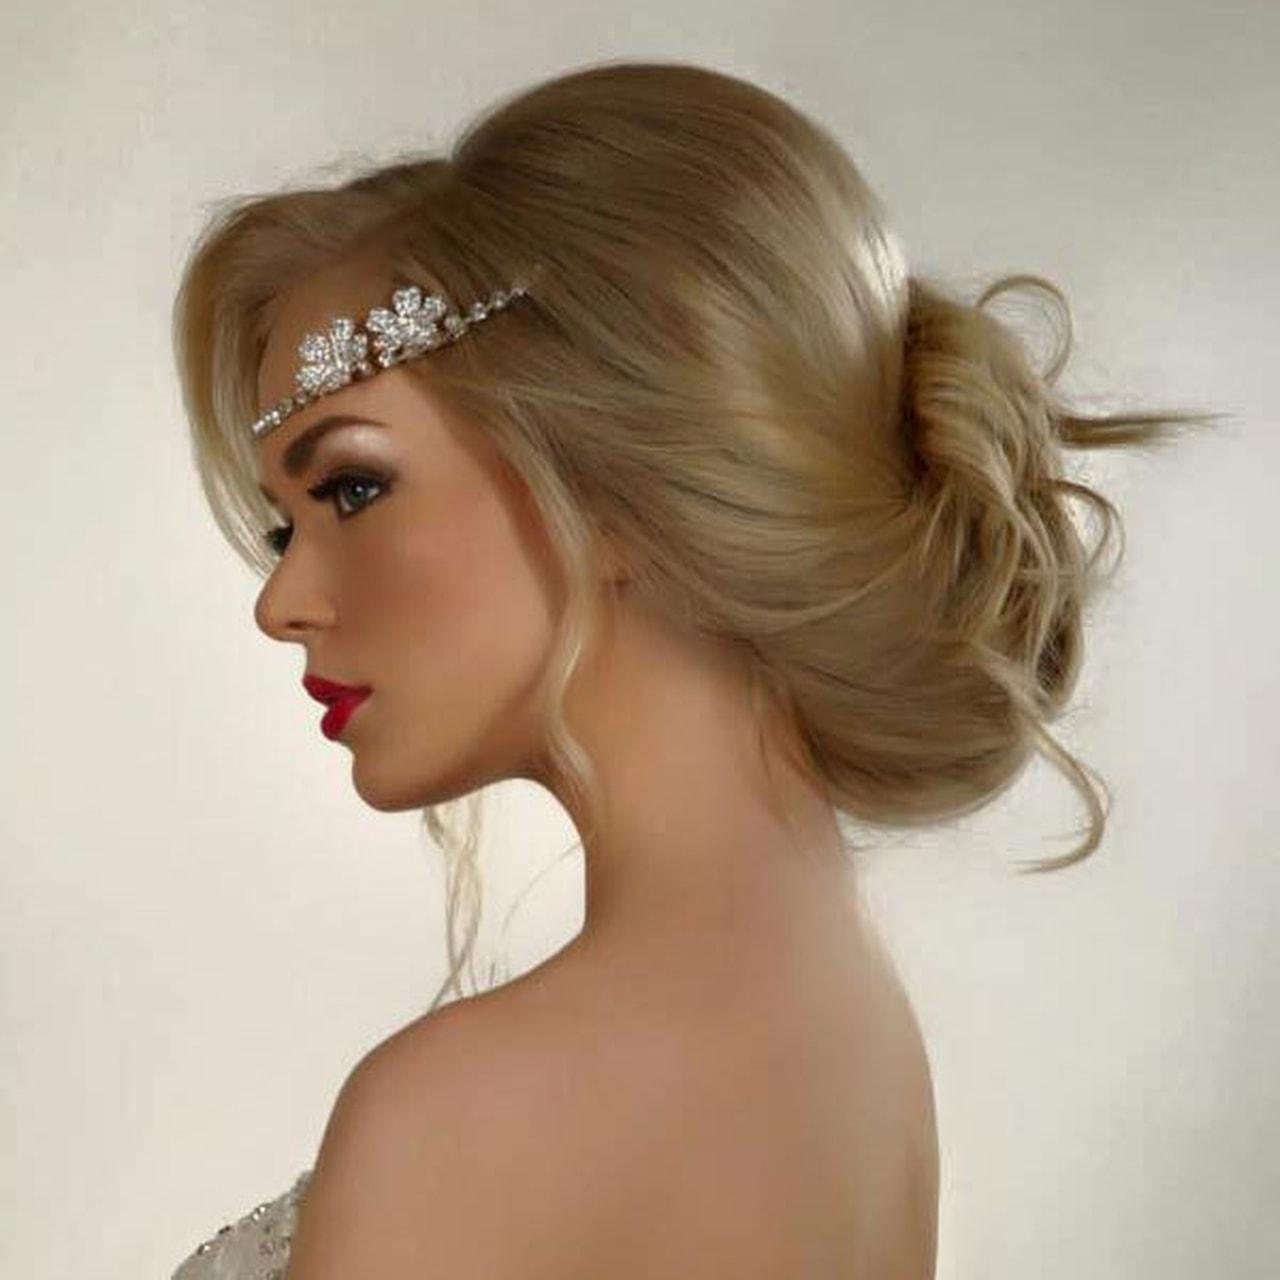 بالصور احلى تسريحه عروس , اجمل واحدث فورمة شعر للعروسه 3122